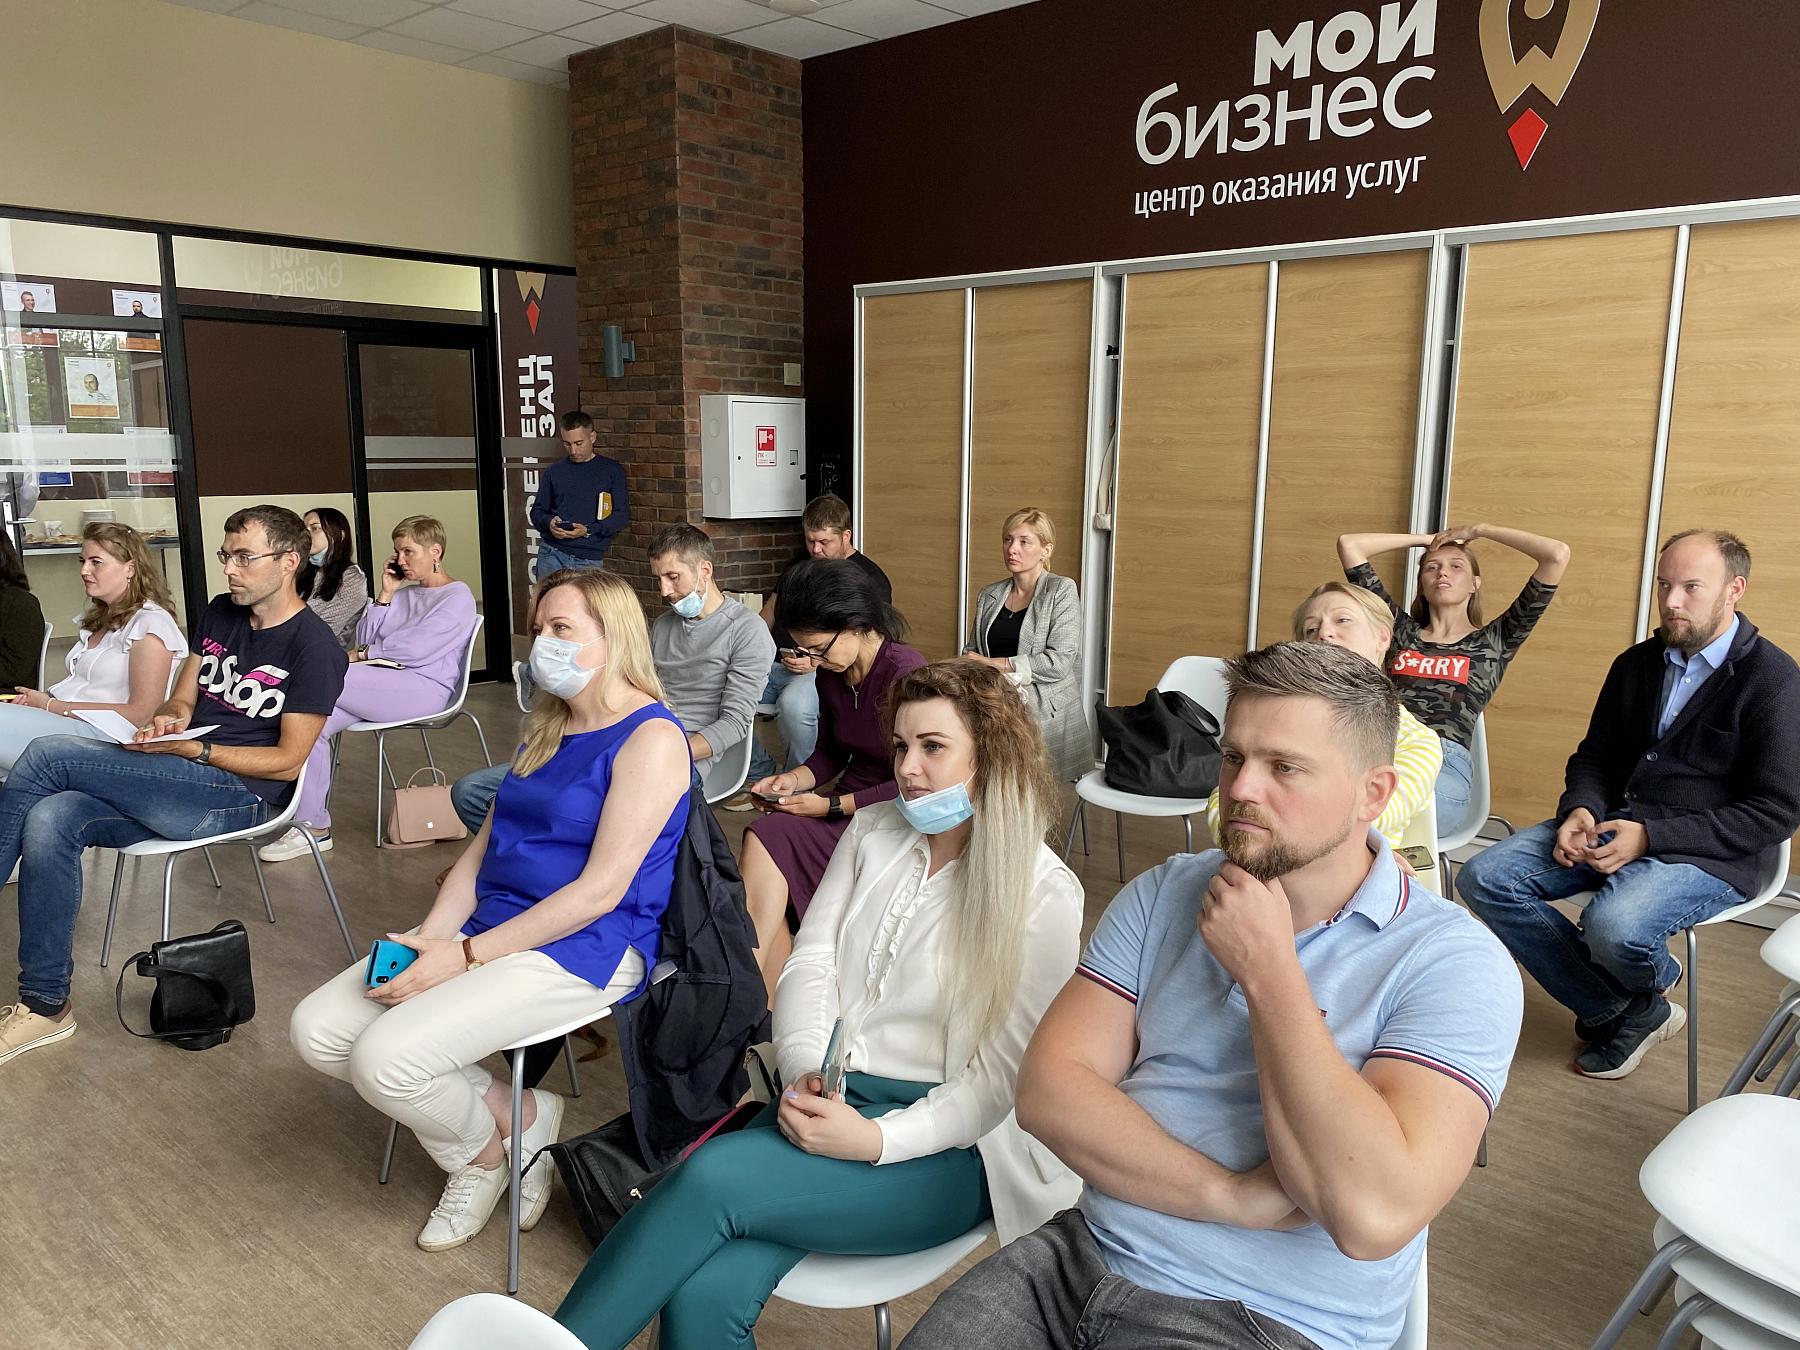 «Благотворительный стендап» прошёл в центре поддержки предпринимательства в Твери